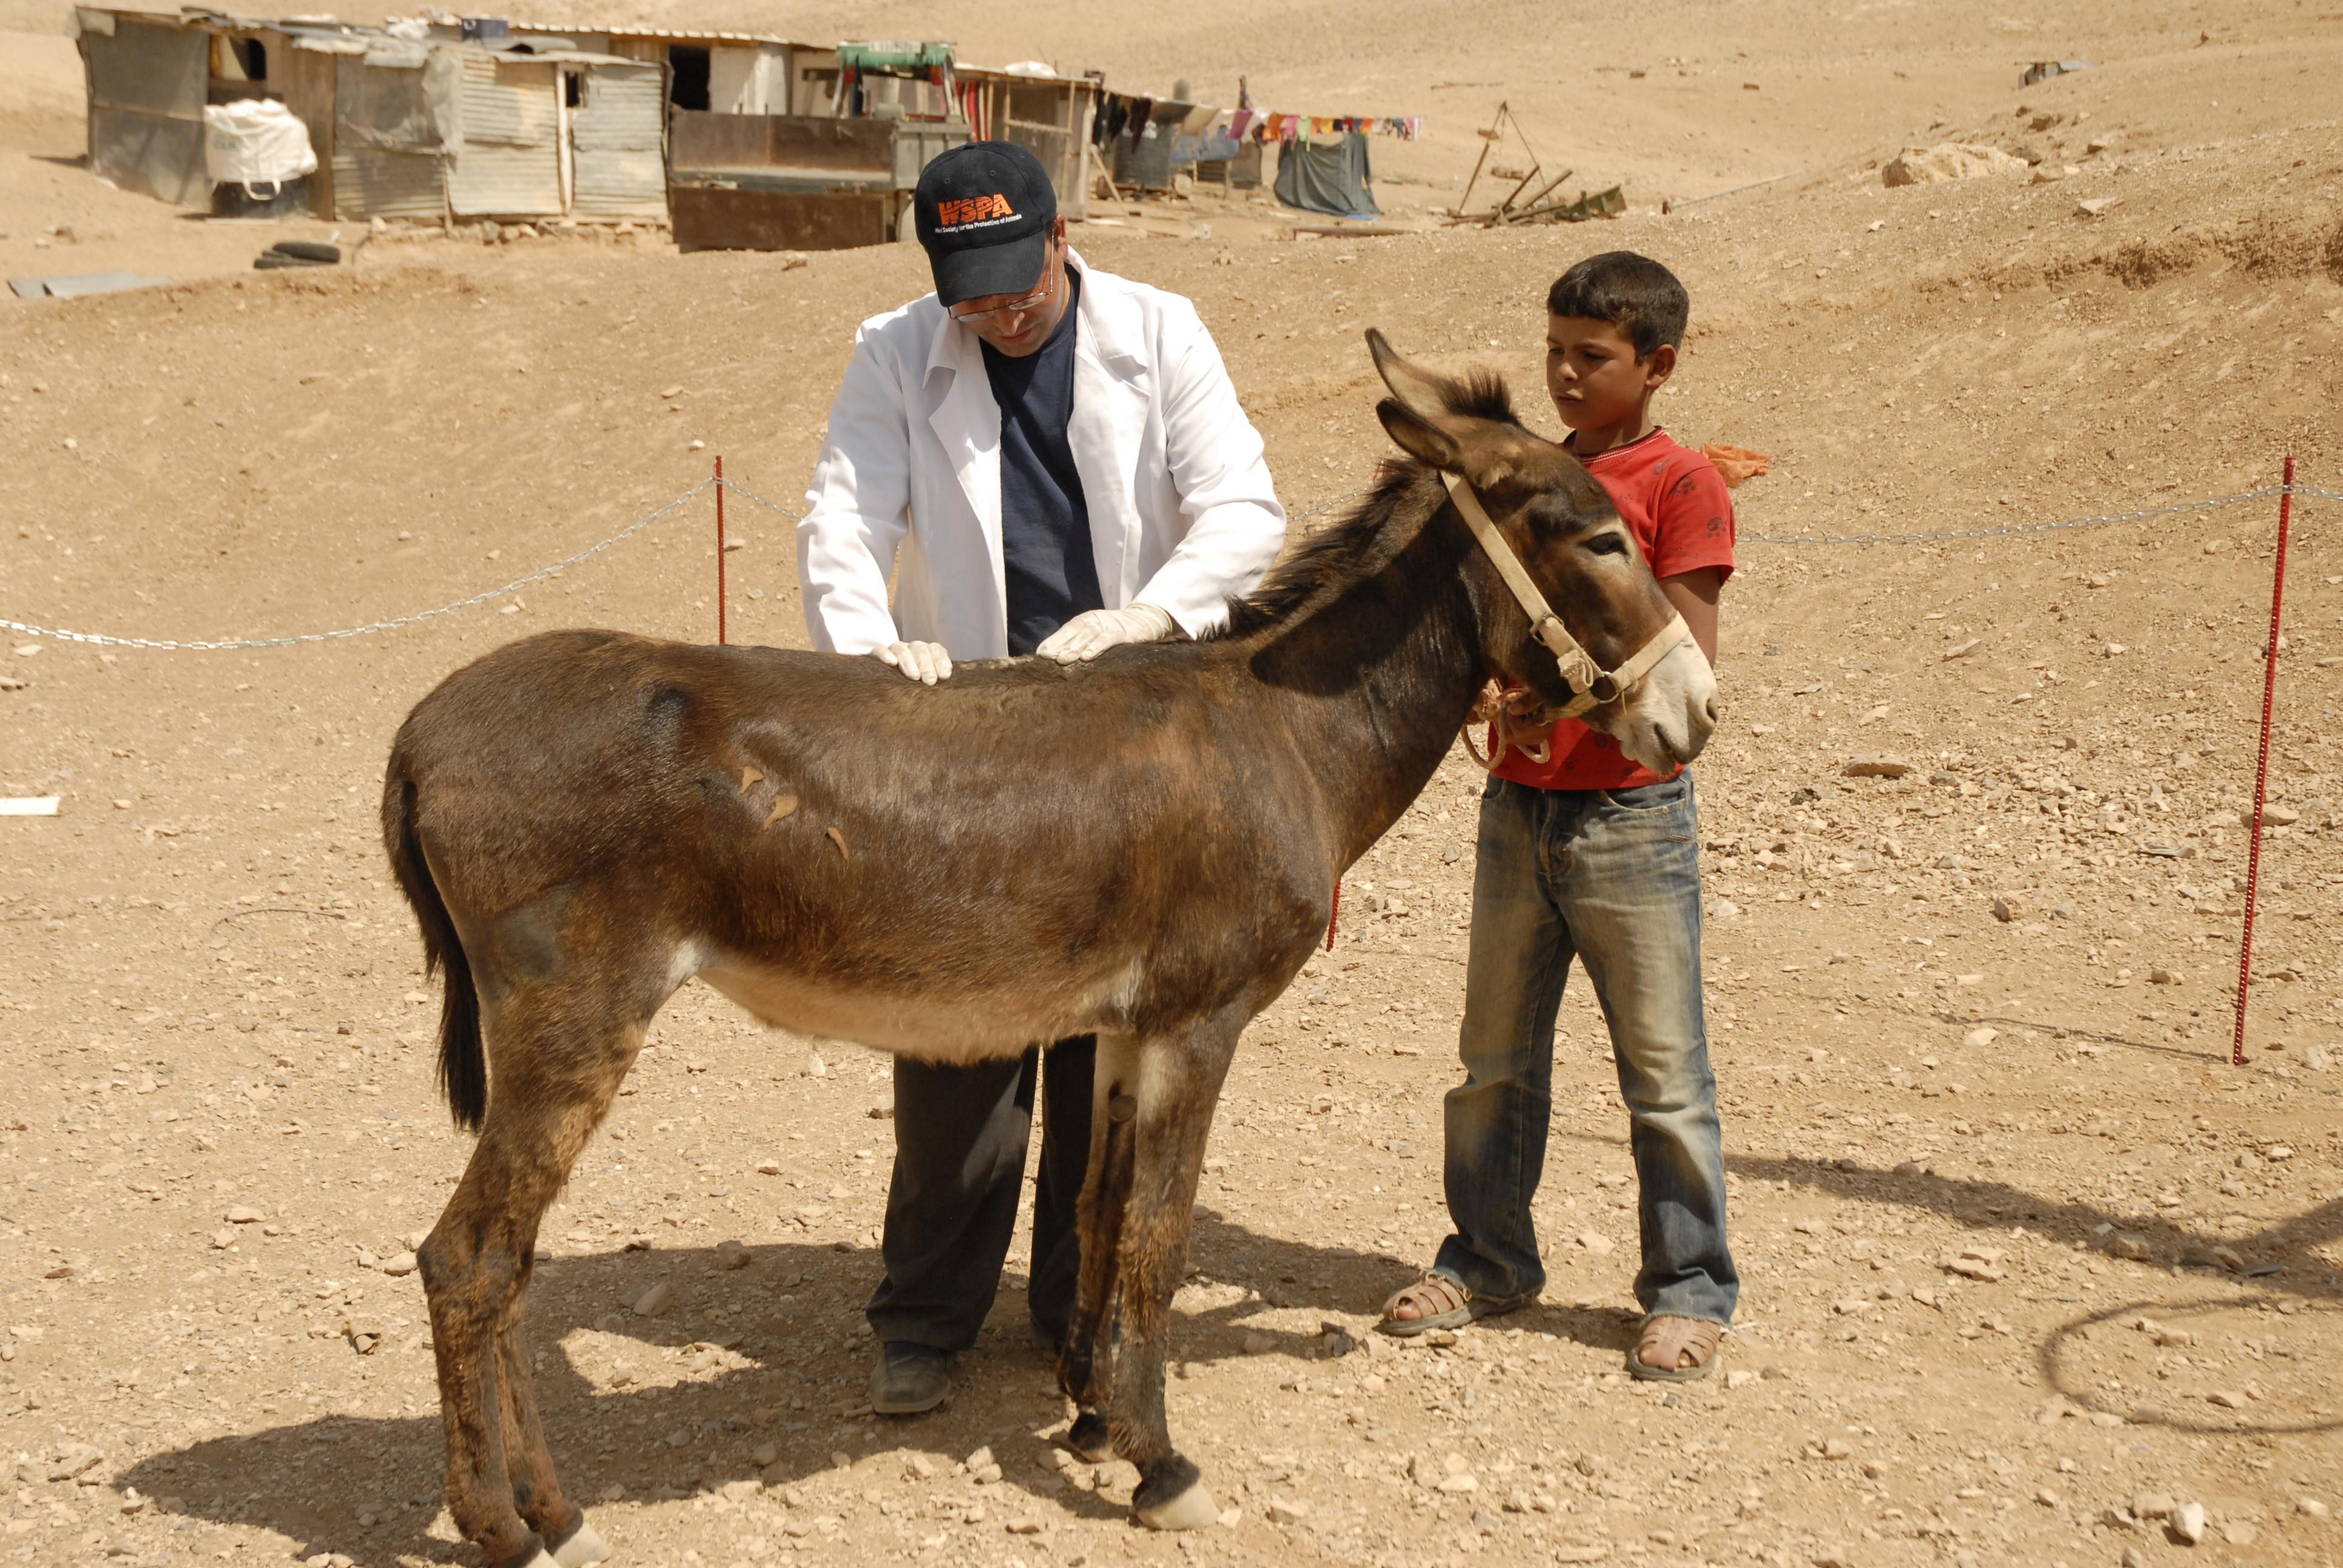 Donkey in Palestine